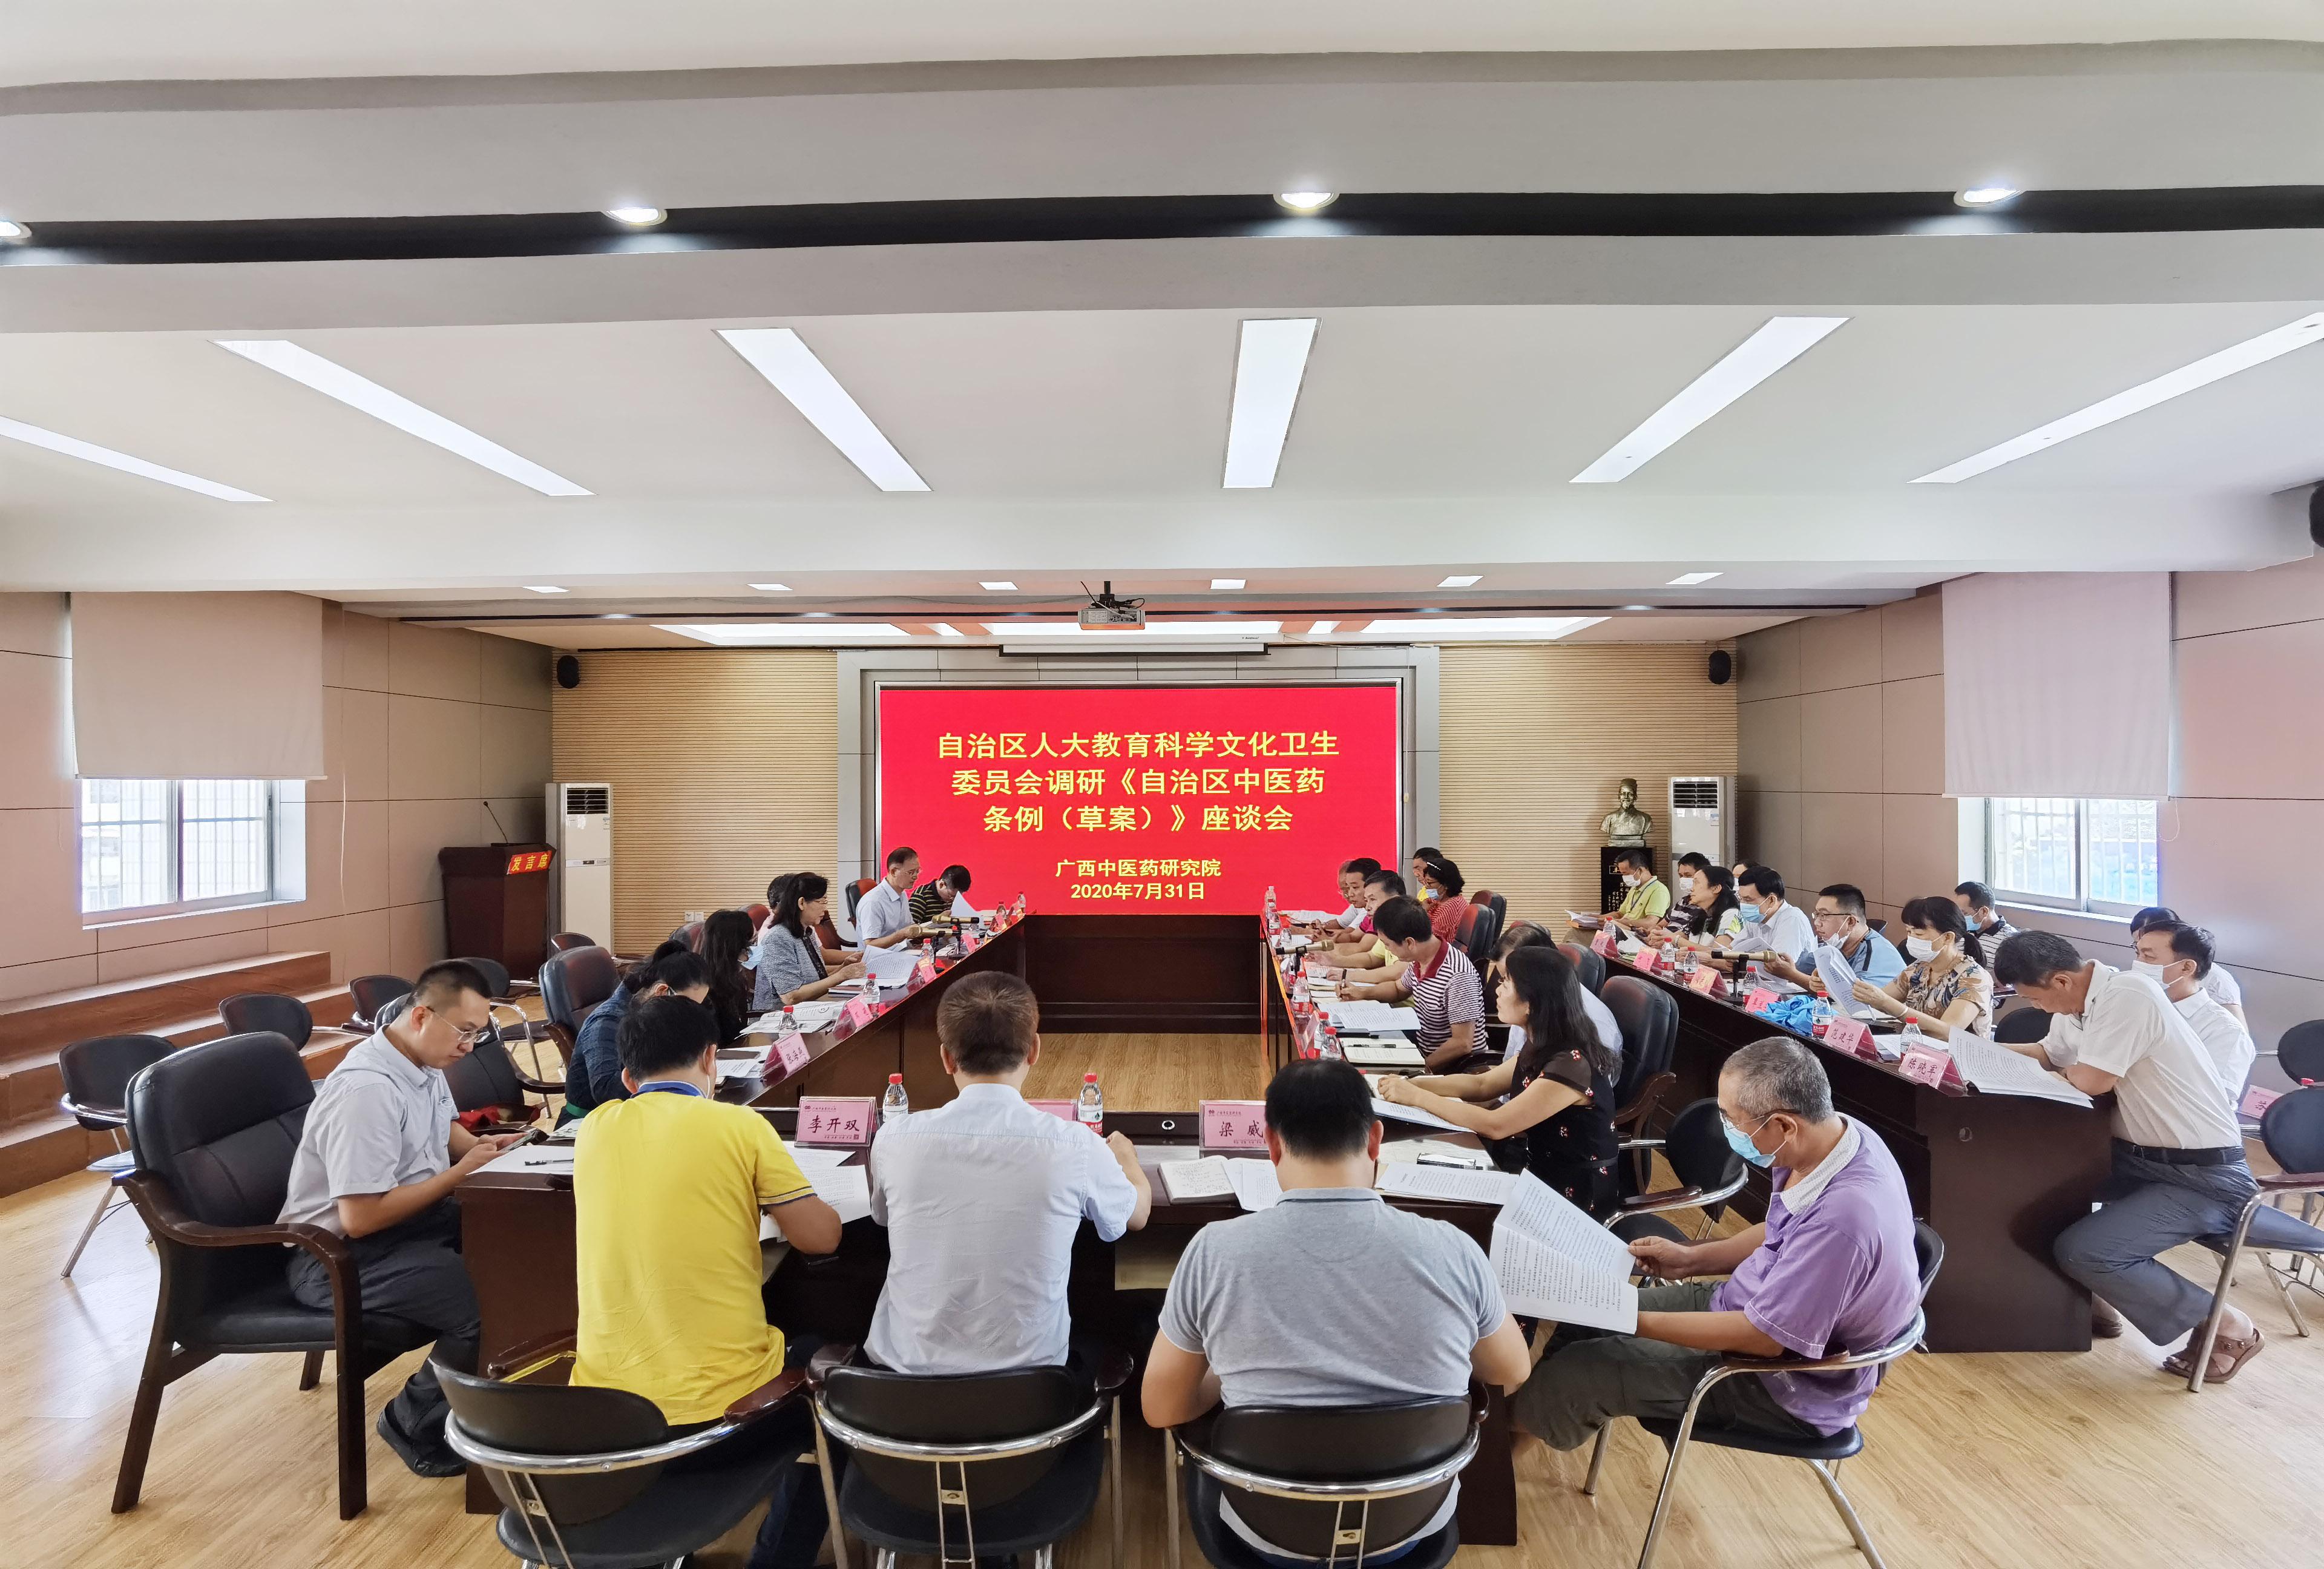 自治区人大教科文卫委员会调研组到广西中医药研究院调研